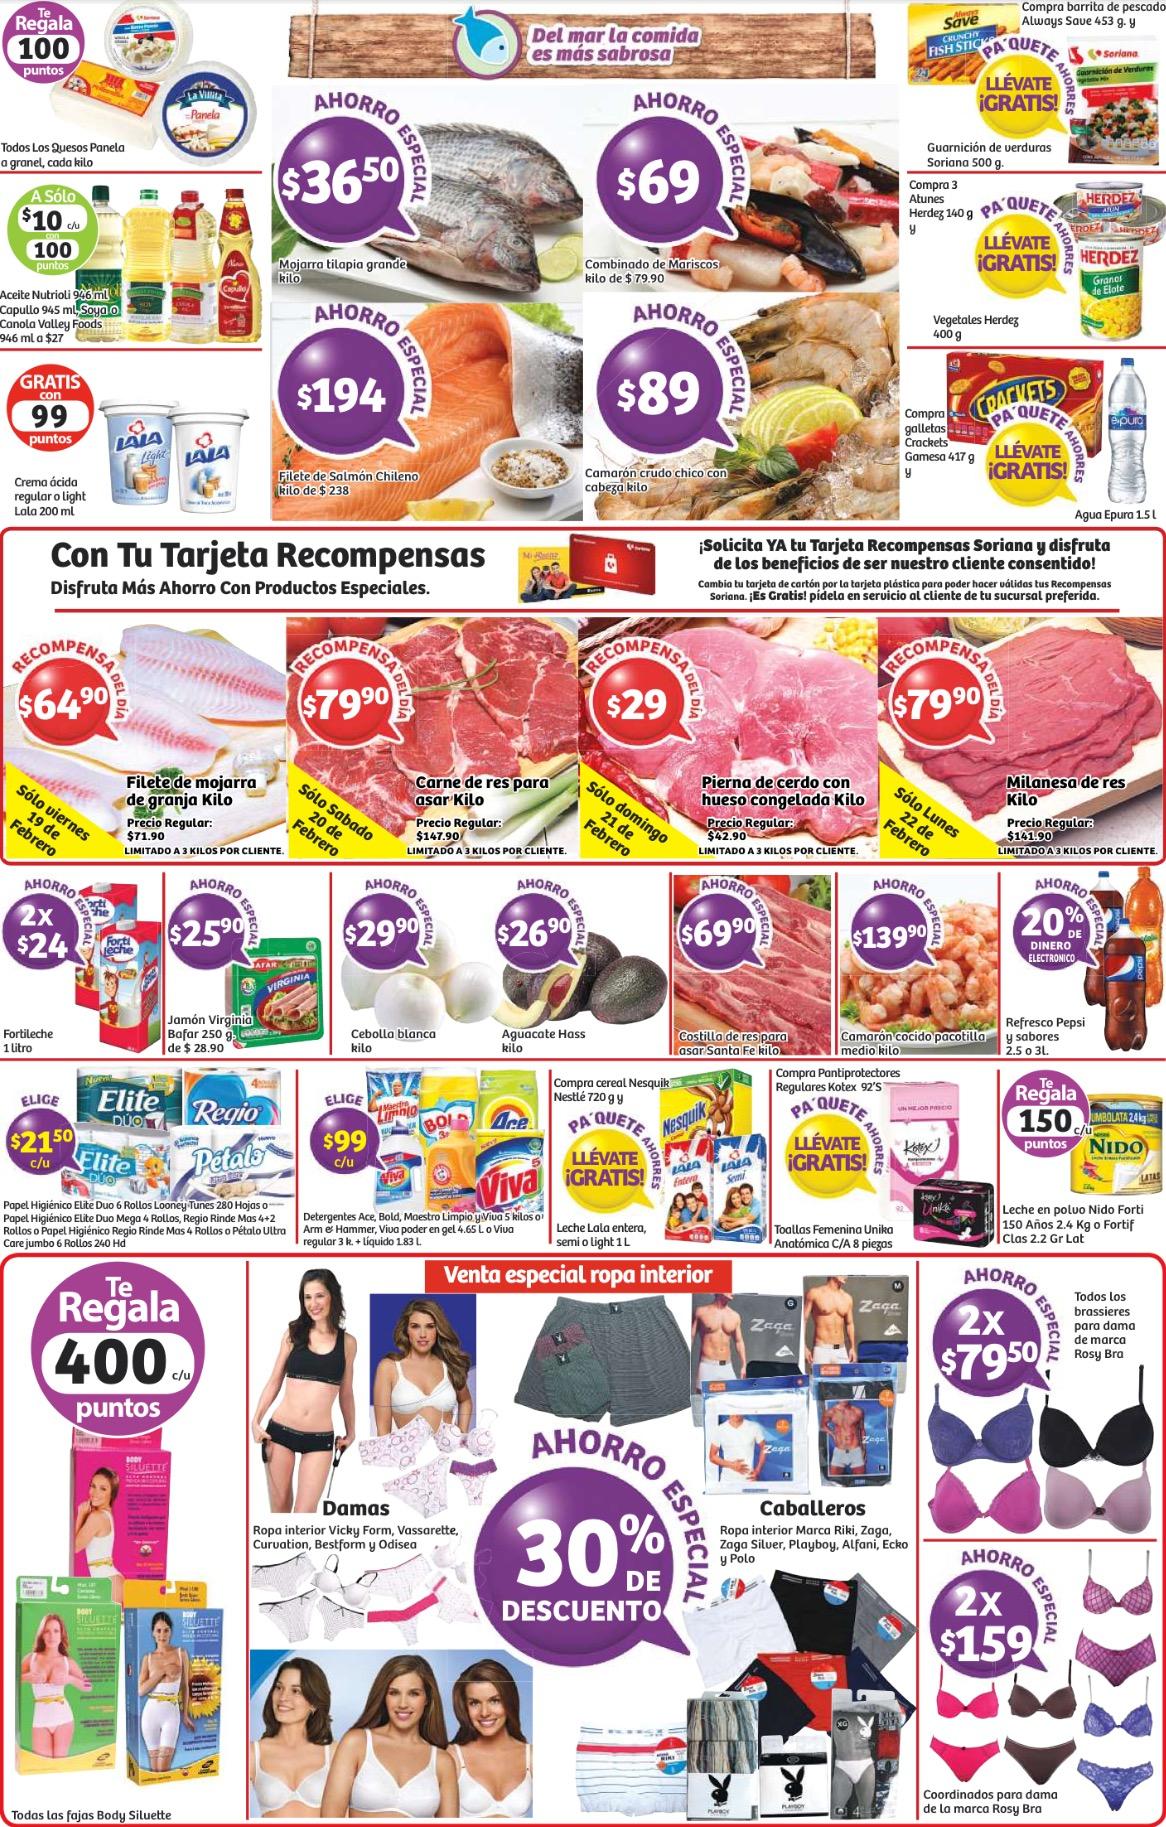 Soriana: venta especial de ropa interior y promociones de fin de semana